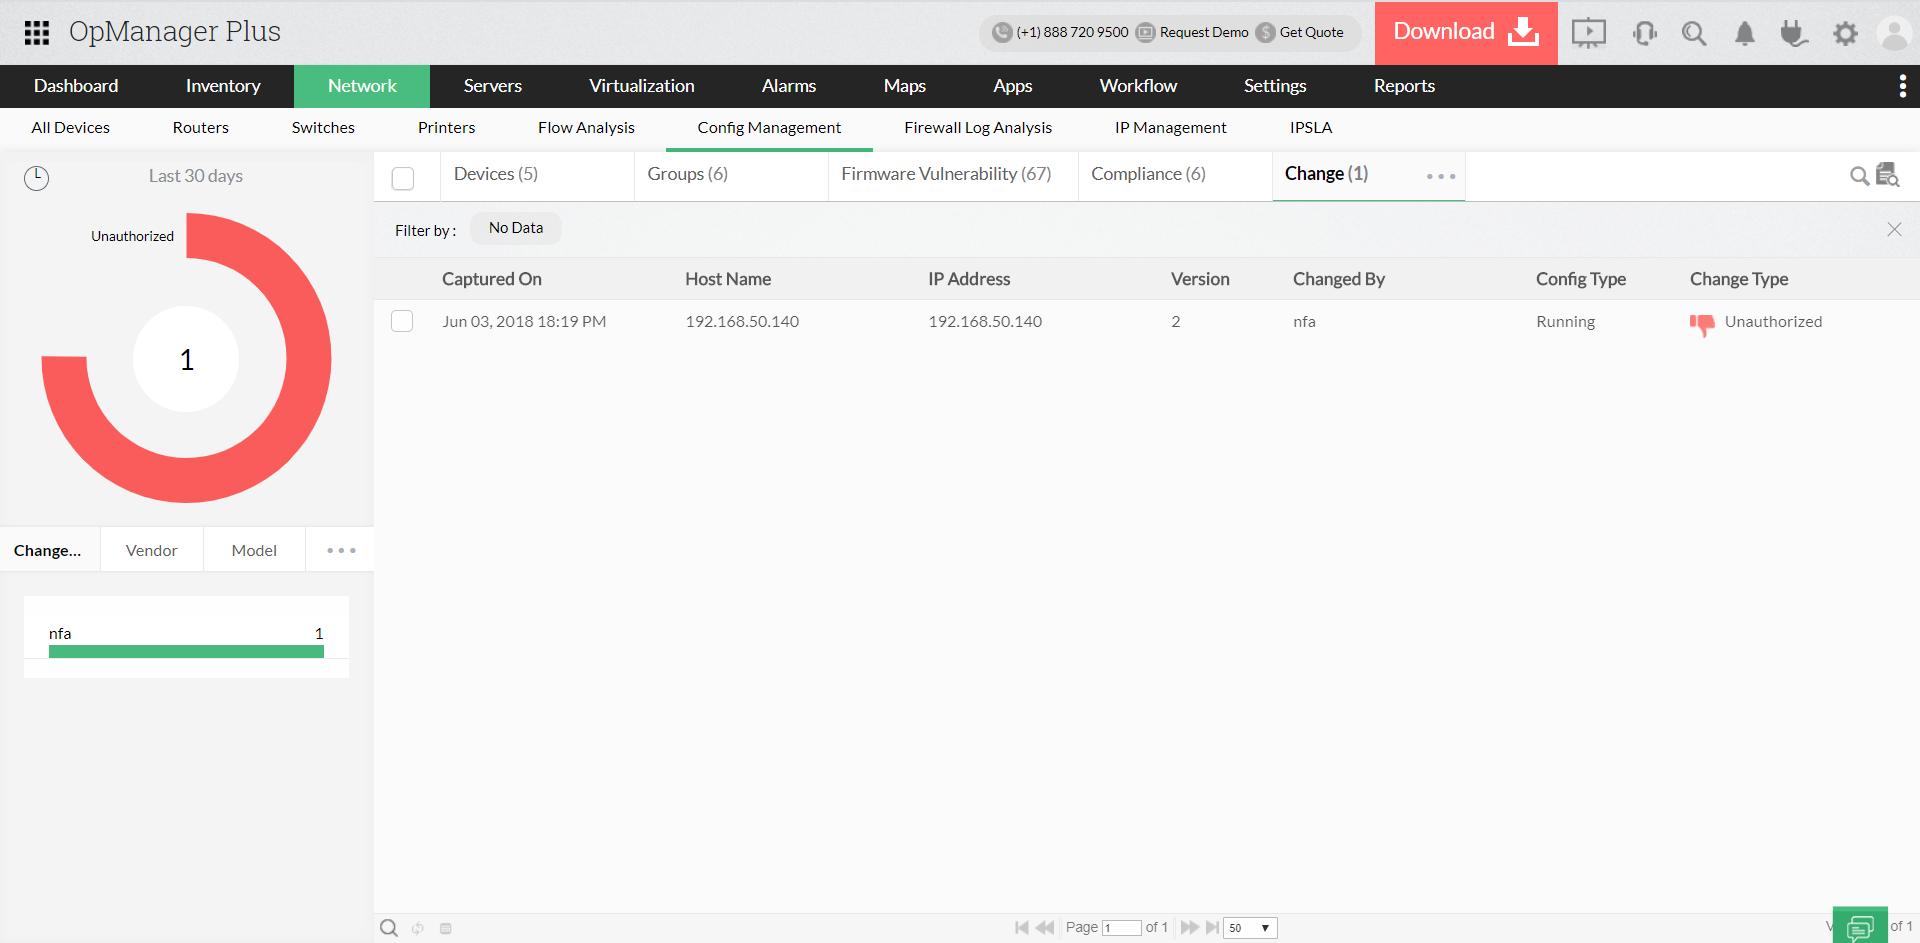 Sökning av konfigurationsändringar - ManageEngine OpManager Plus